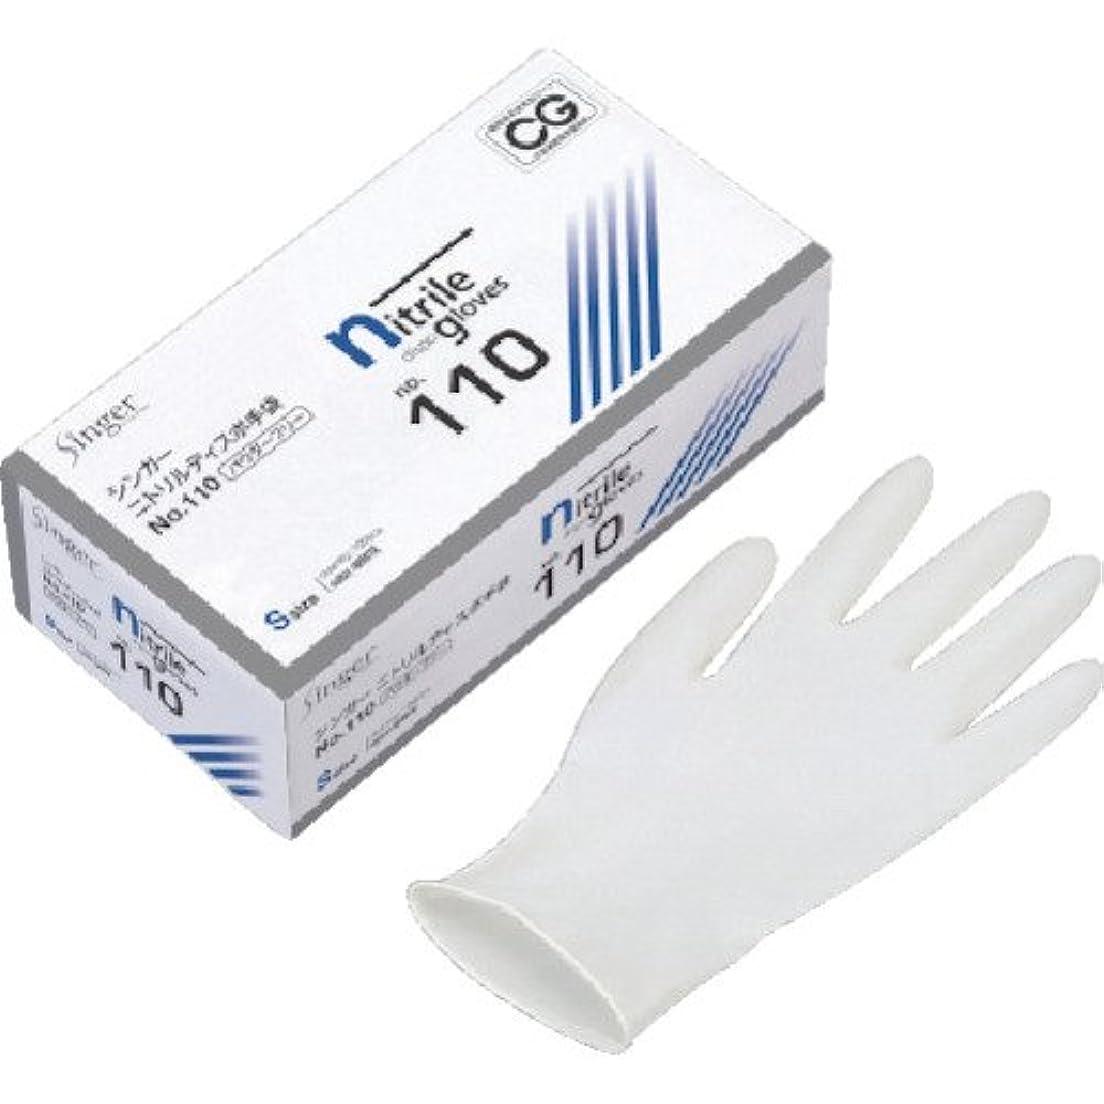 世界の窓大腿いつシンガーニトリルディスポ手袋 No.110 ホワイト パウダーフリー(100枚) S